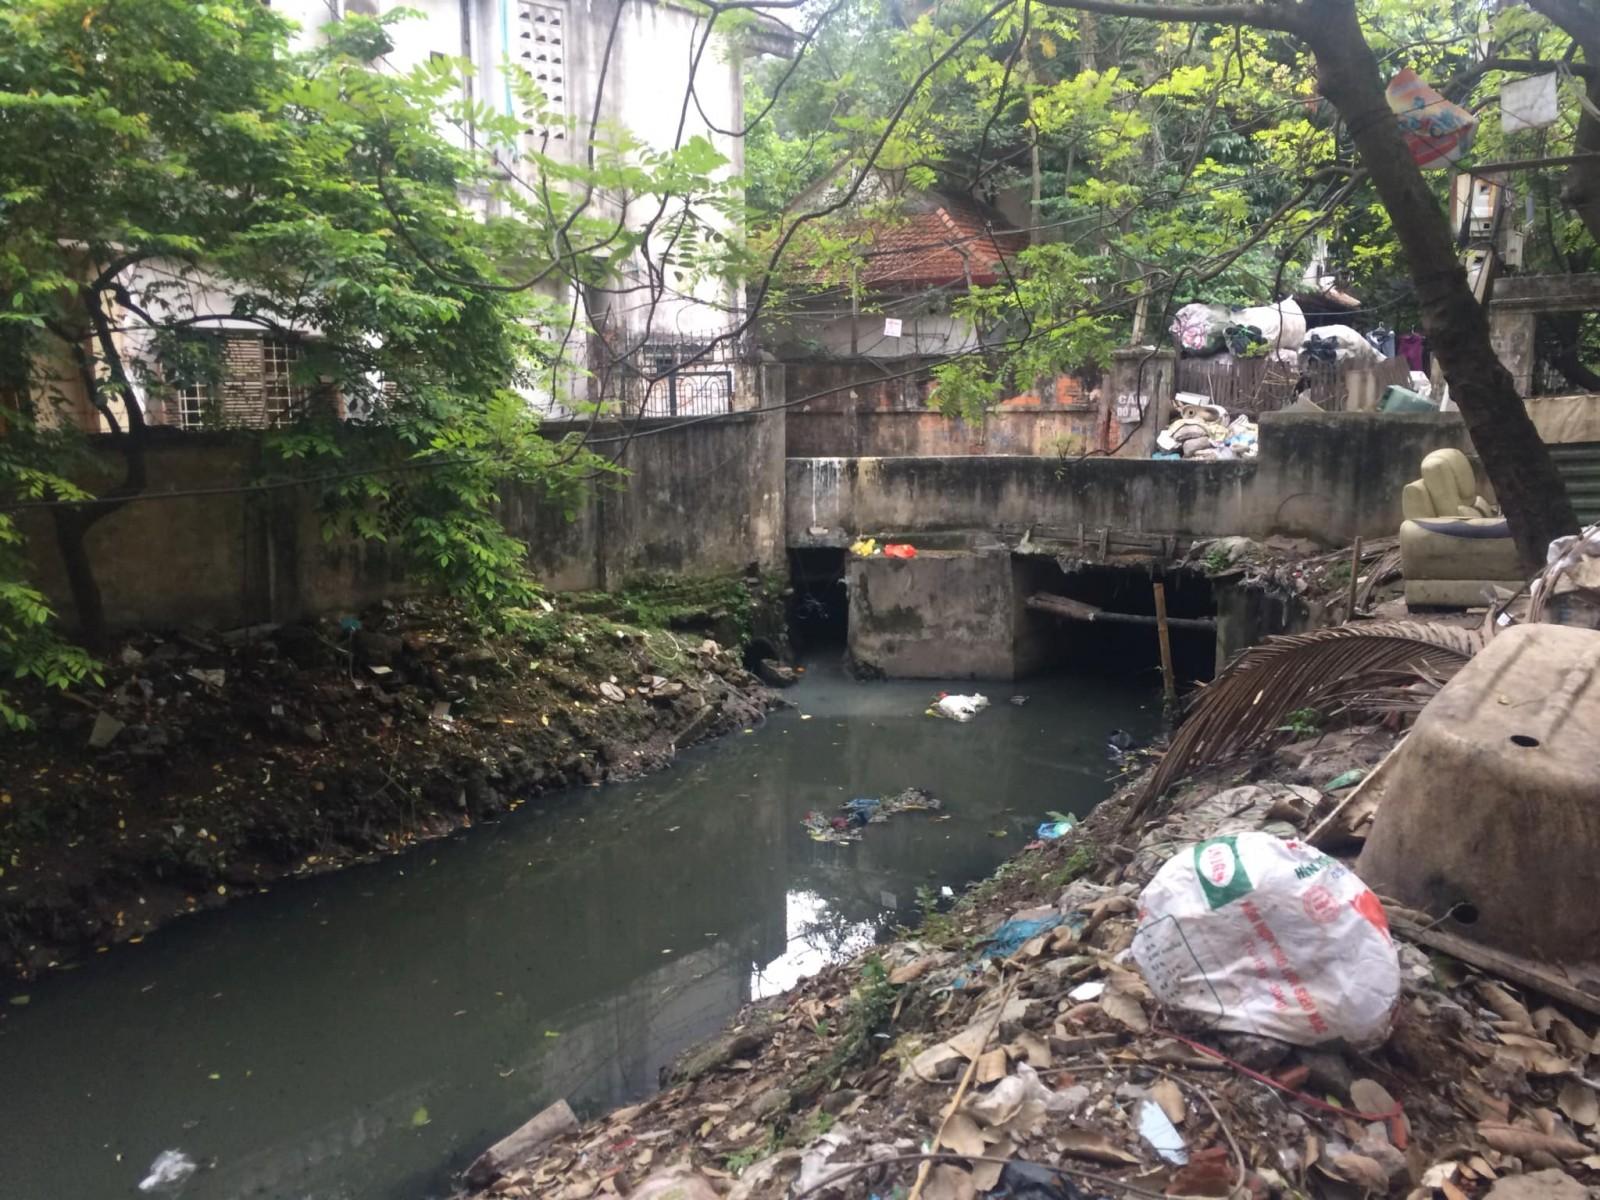 Ô nhiễm nước thải sinh hoạt: Cơn lũ ngầm chờ bùng phát